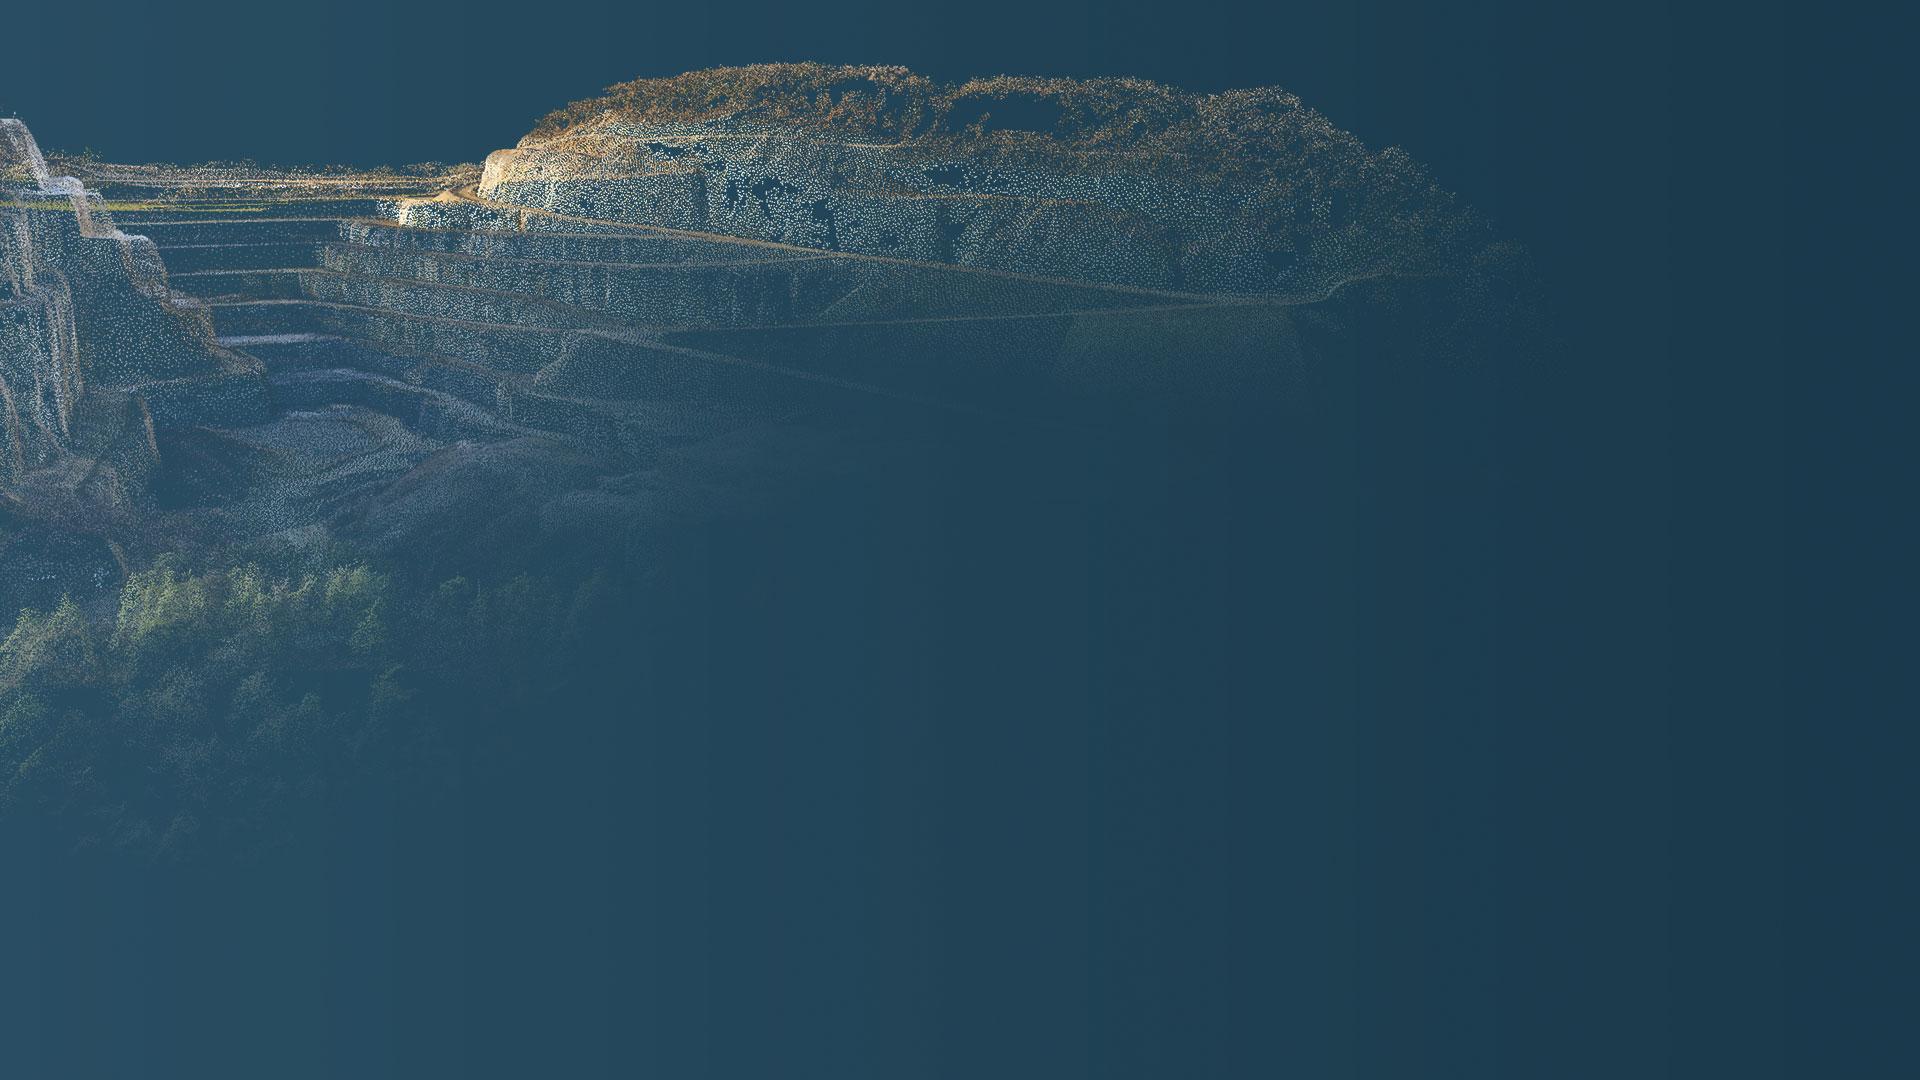 BACK GEO Pix4Dmapper Landing 1